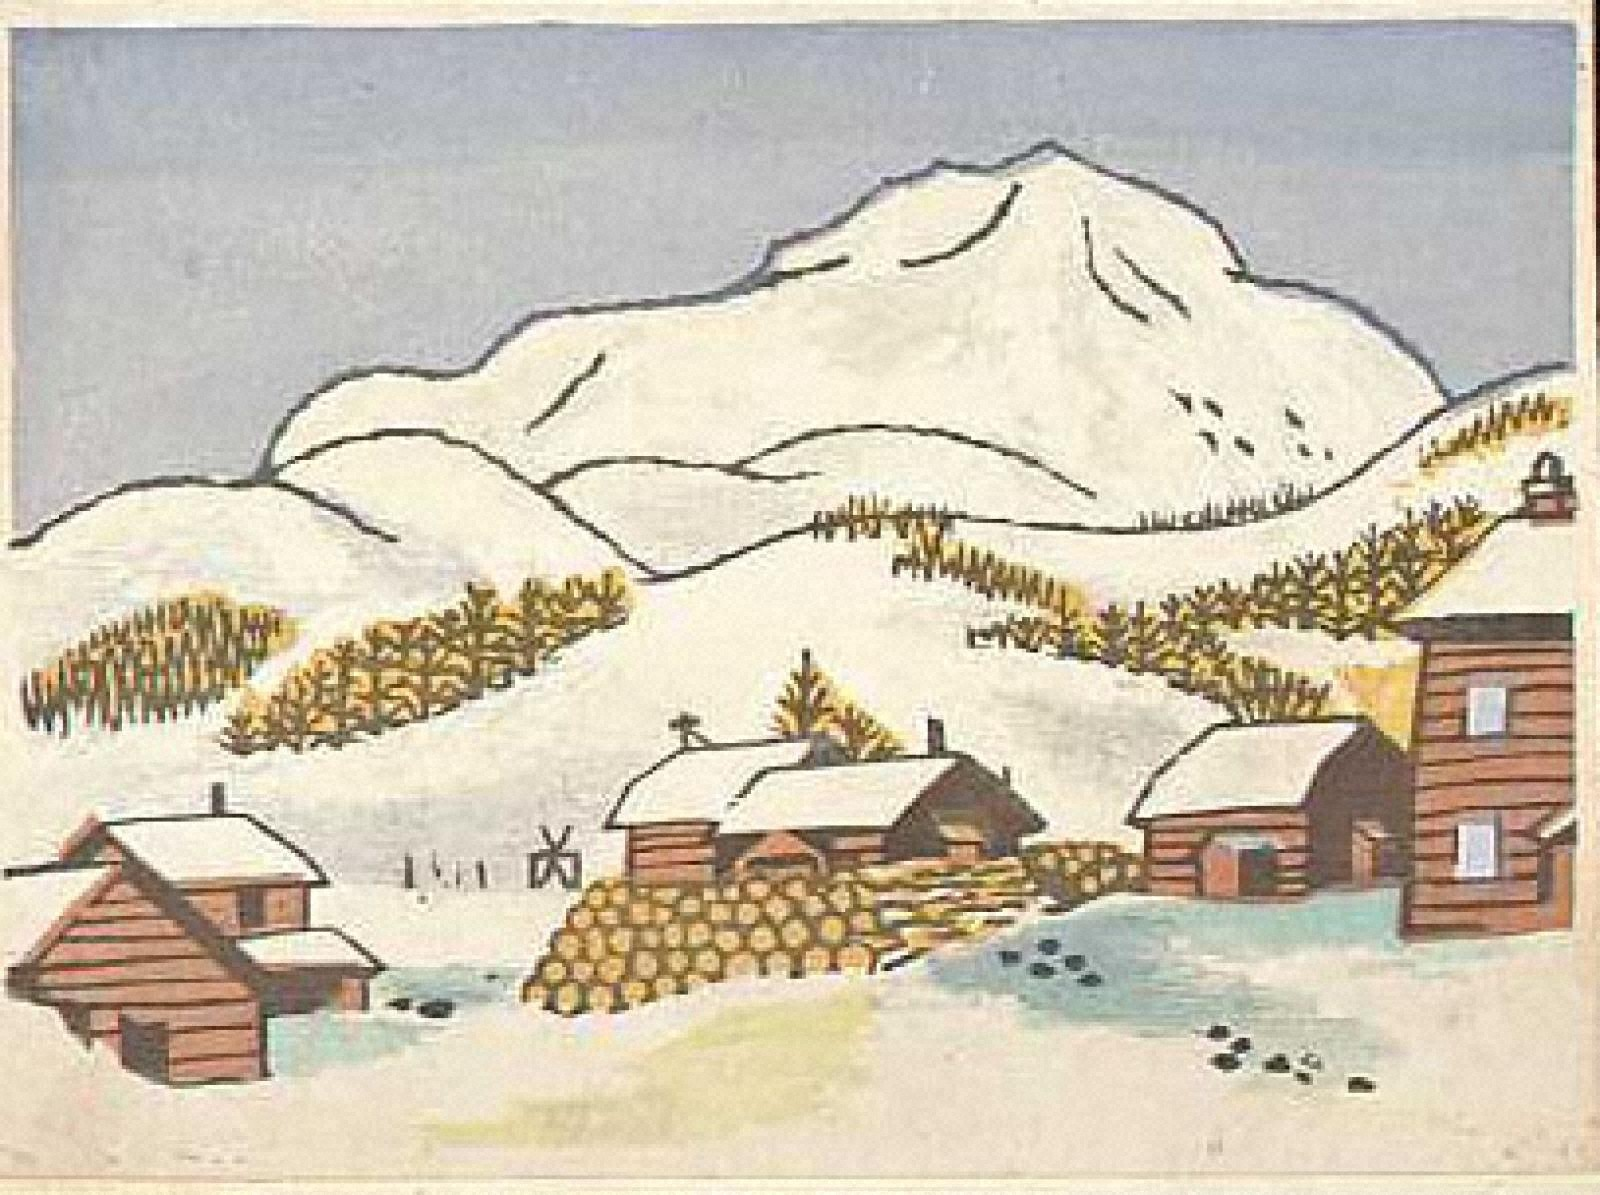 [雪の山村]